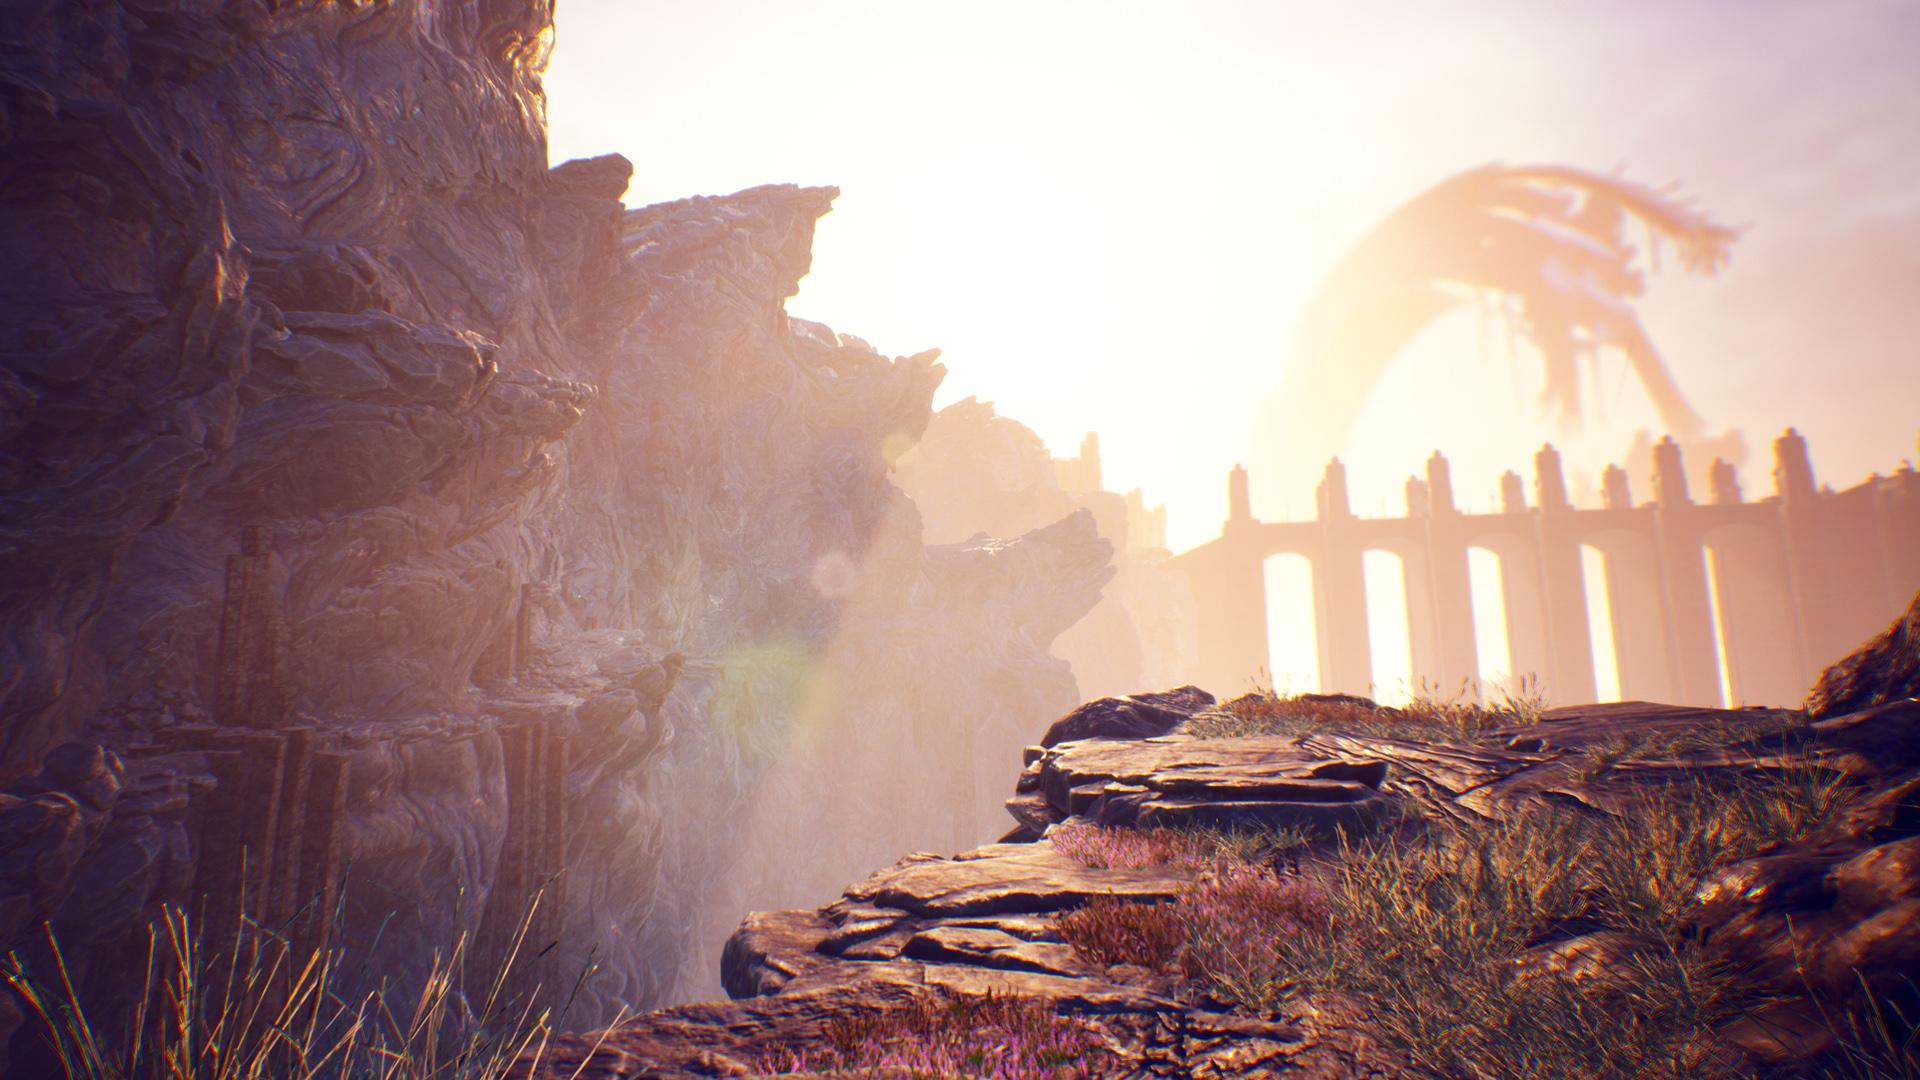 The Last Oricru Screenshot 3